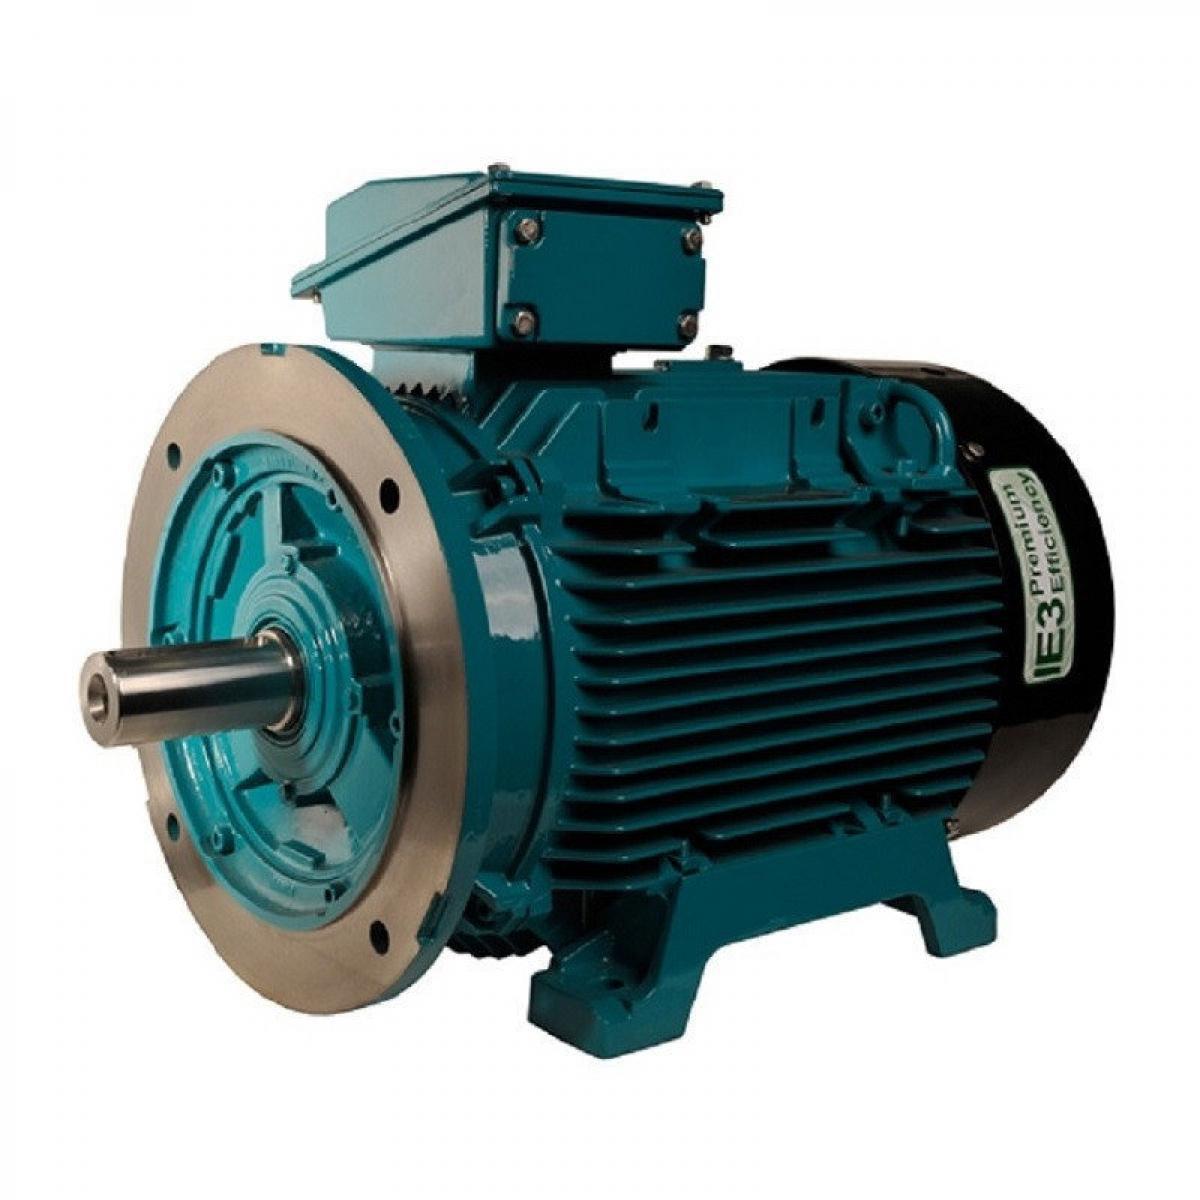 Как правильно подобрать электродвигатель по типу, мощности и другим параметрам